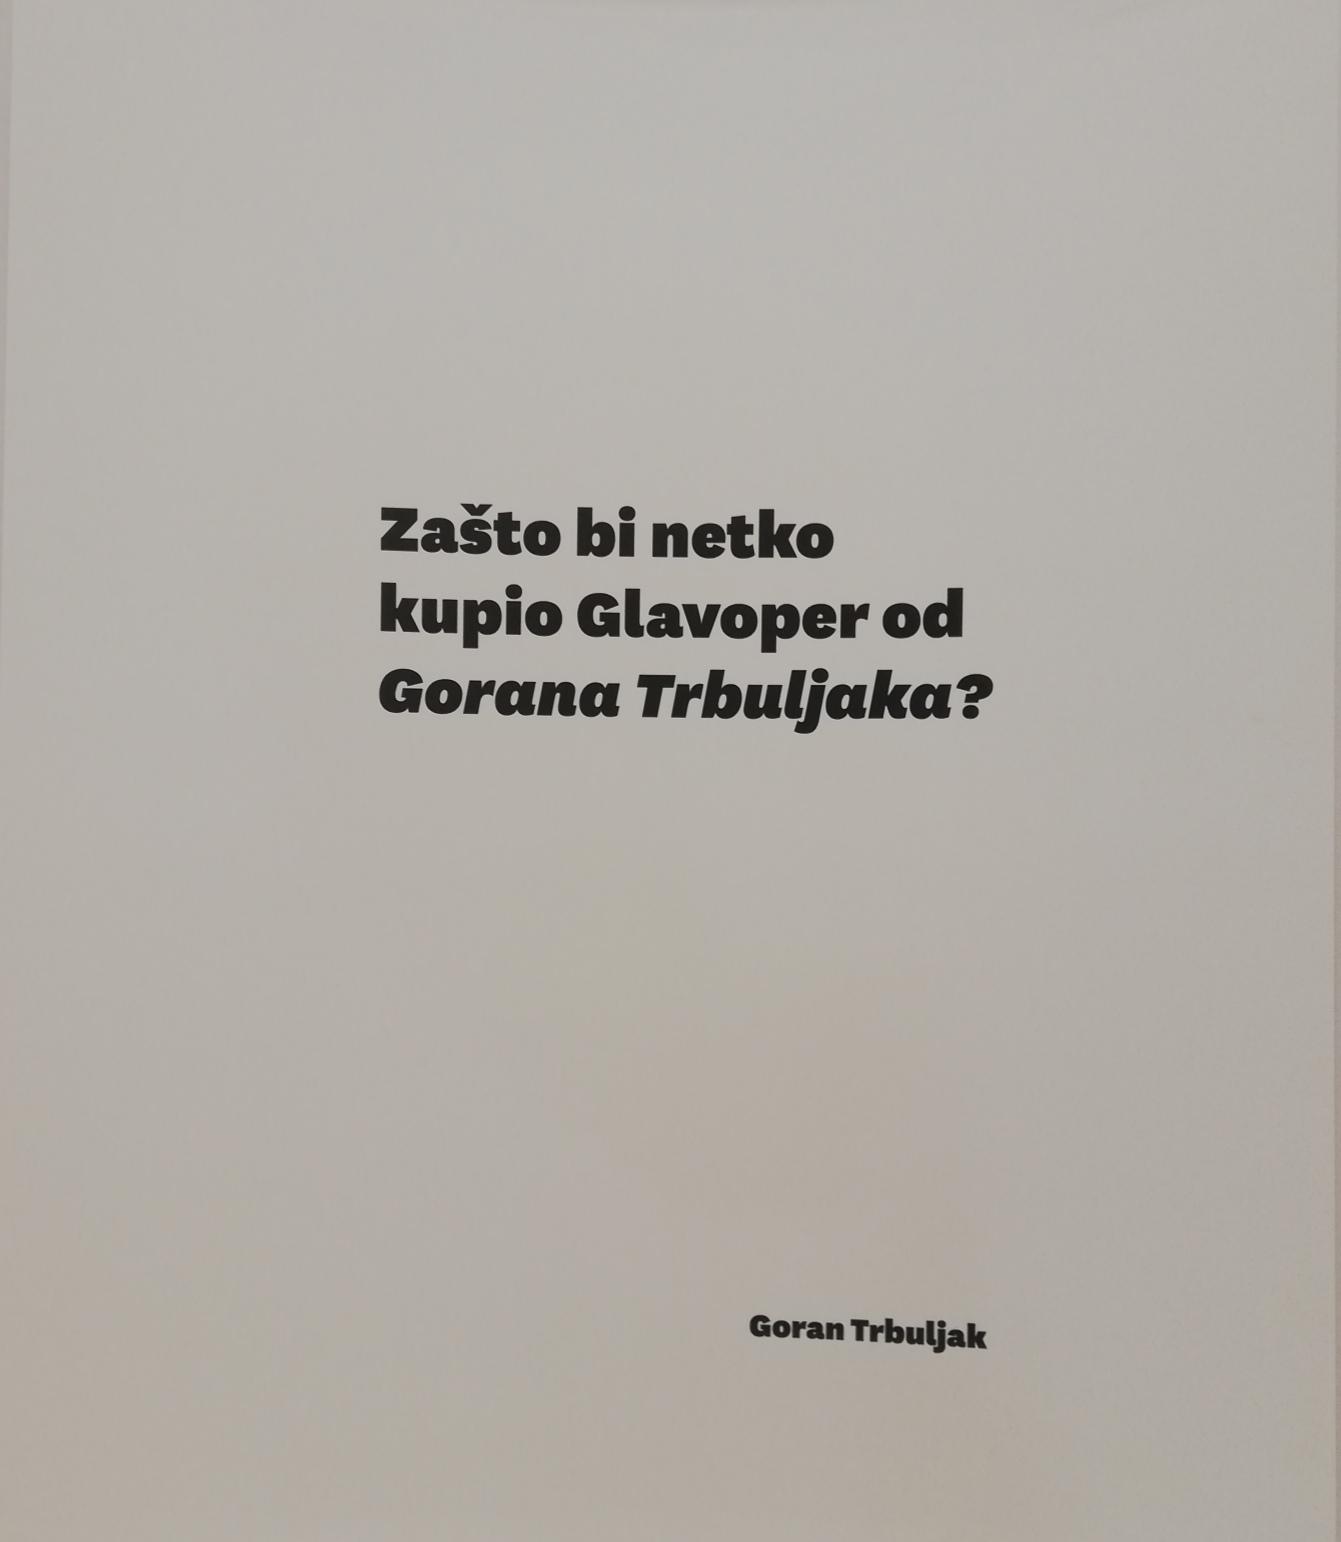 Goran Trbuljak - Zašto bi netko kupio Gl